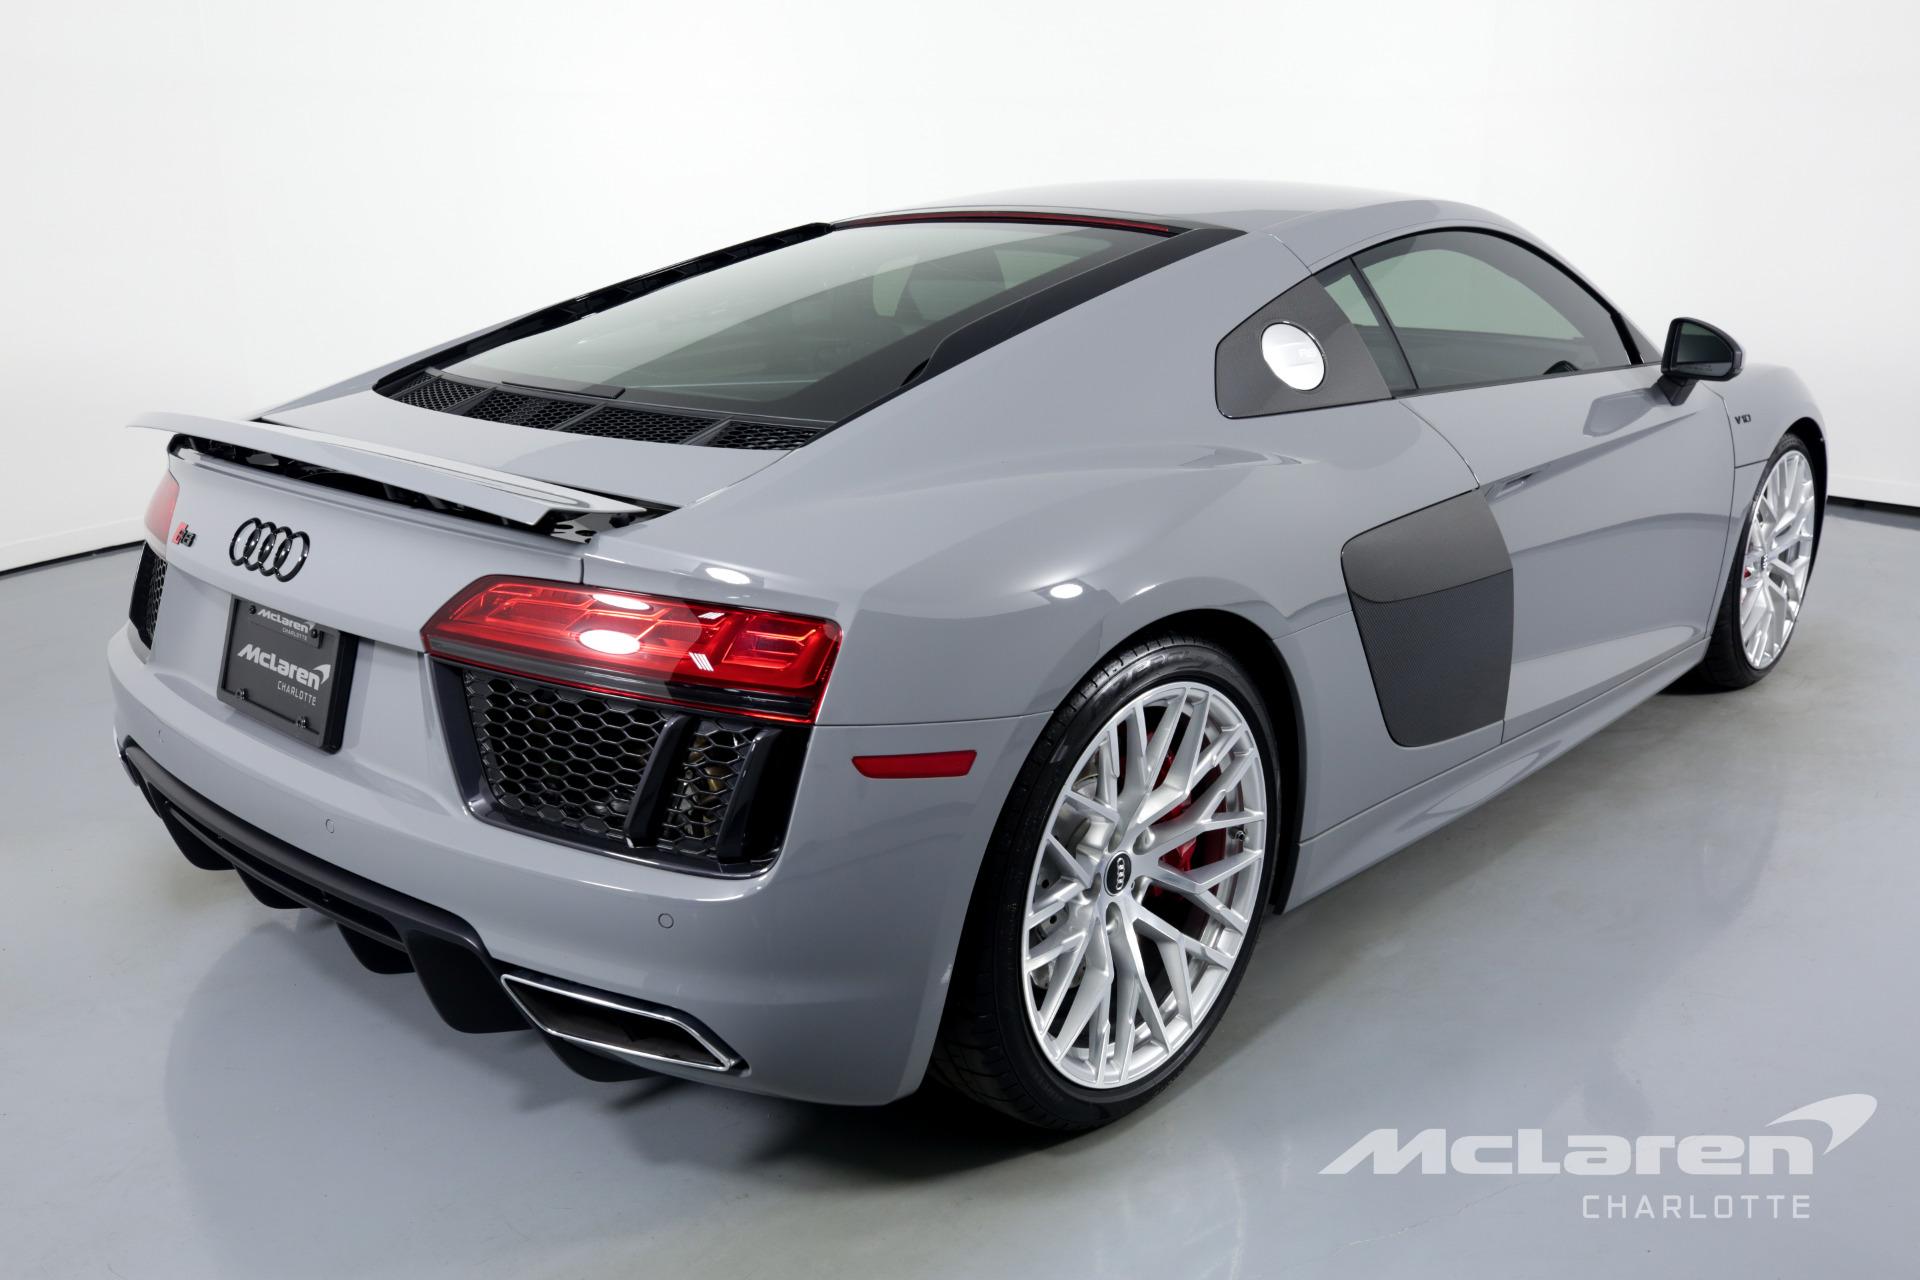 Used 2017 Audi R8 5.2 quattro V10 | Charlotte, NC